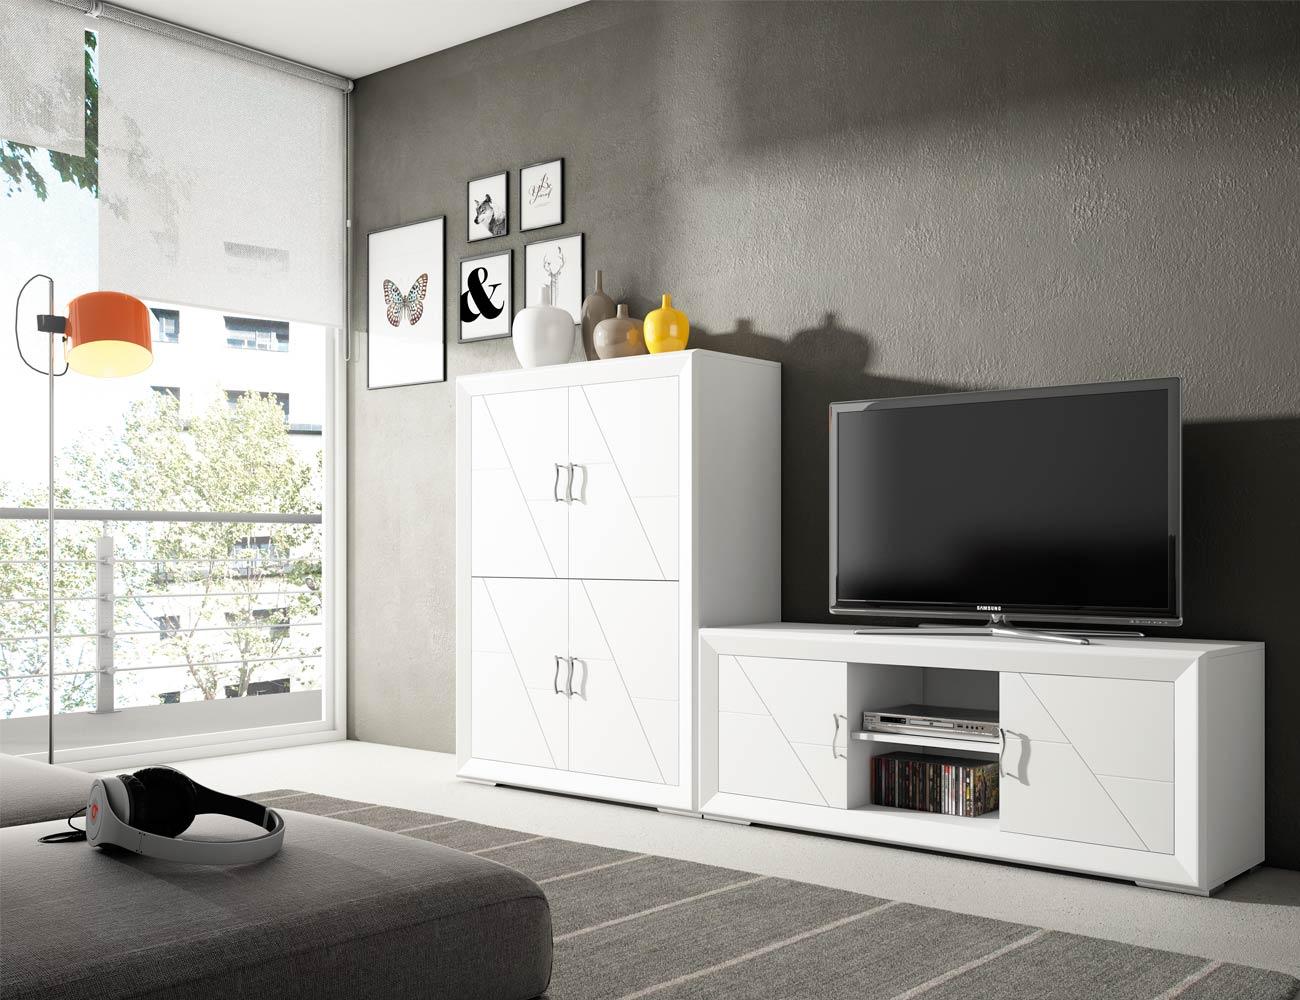 Mueble vitrina 2 puertas en madera en color blanco lacado for Mueble salon blanco